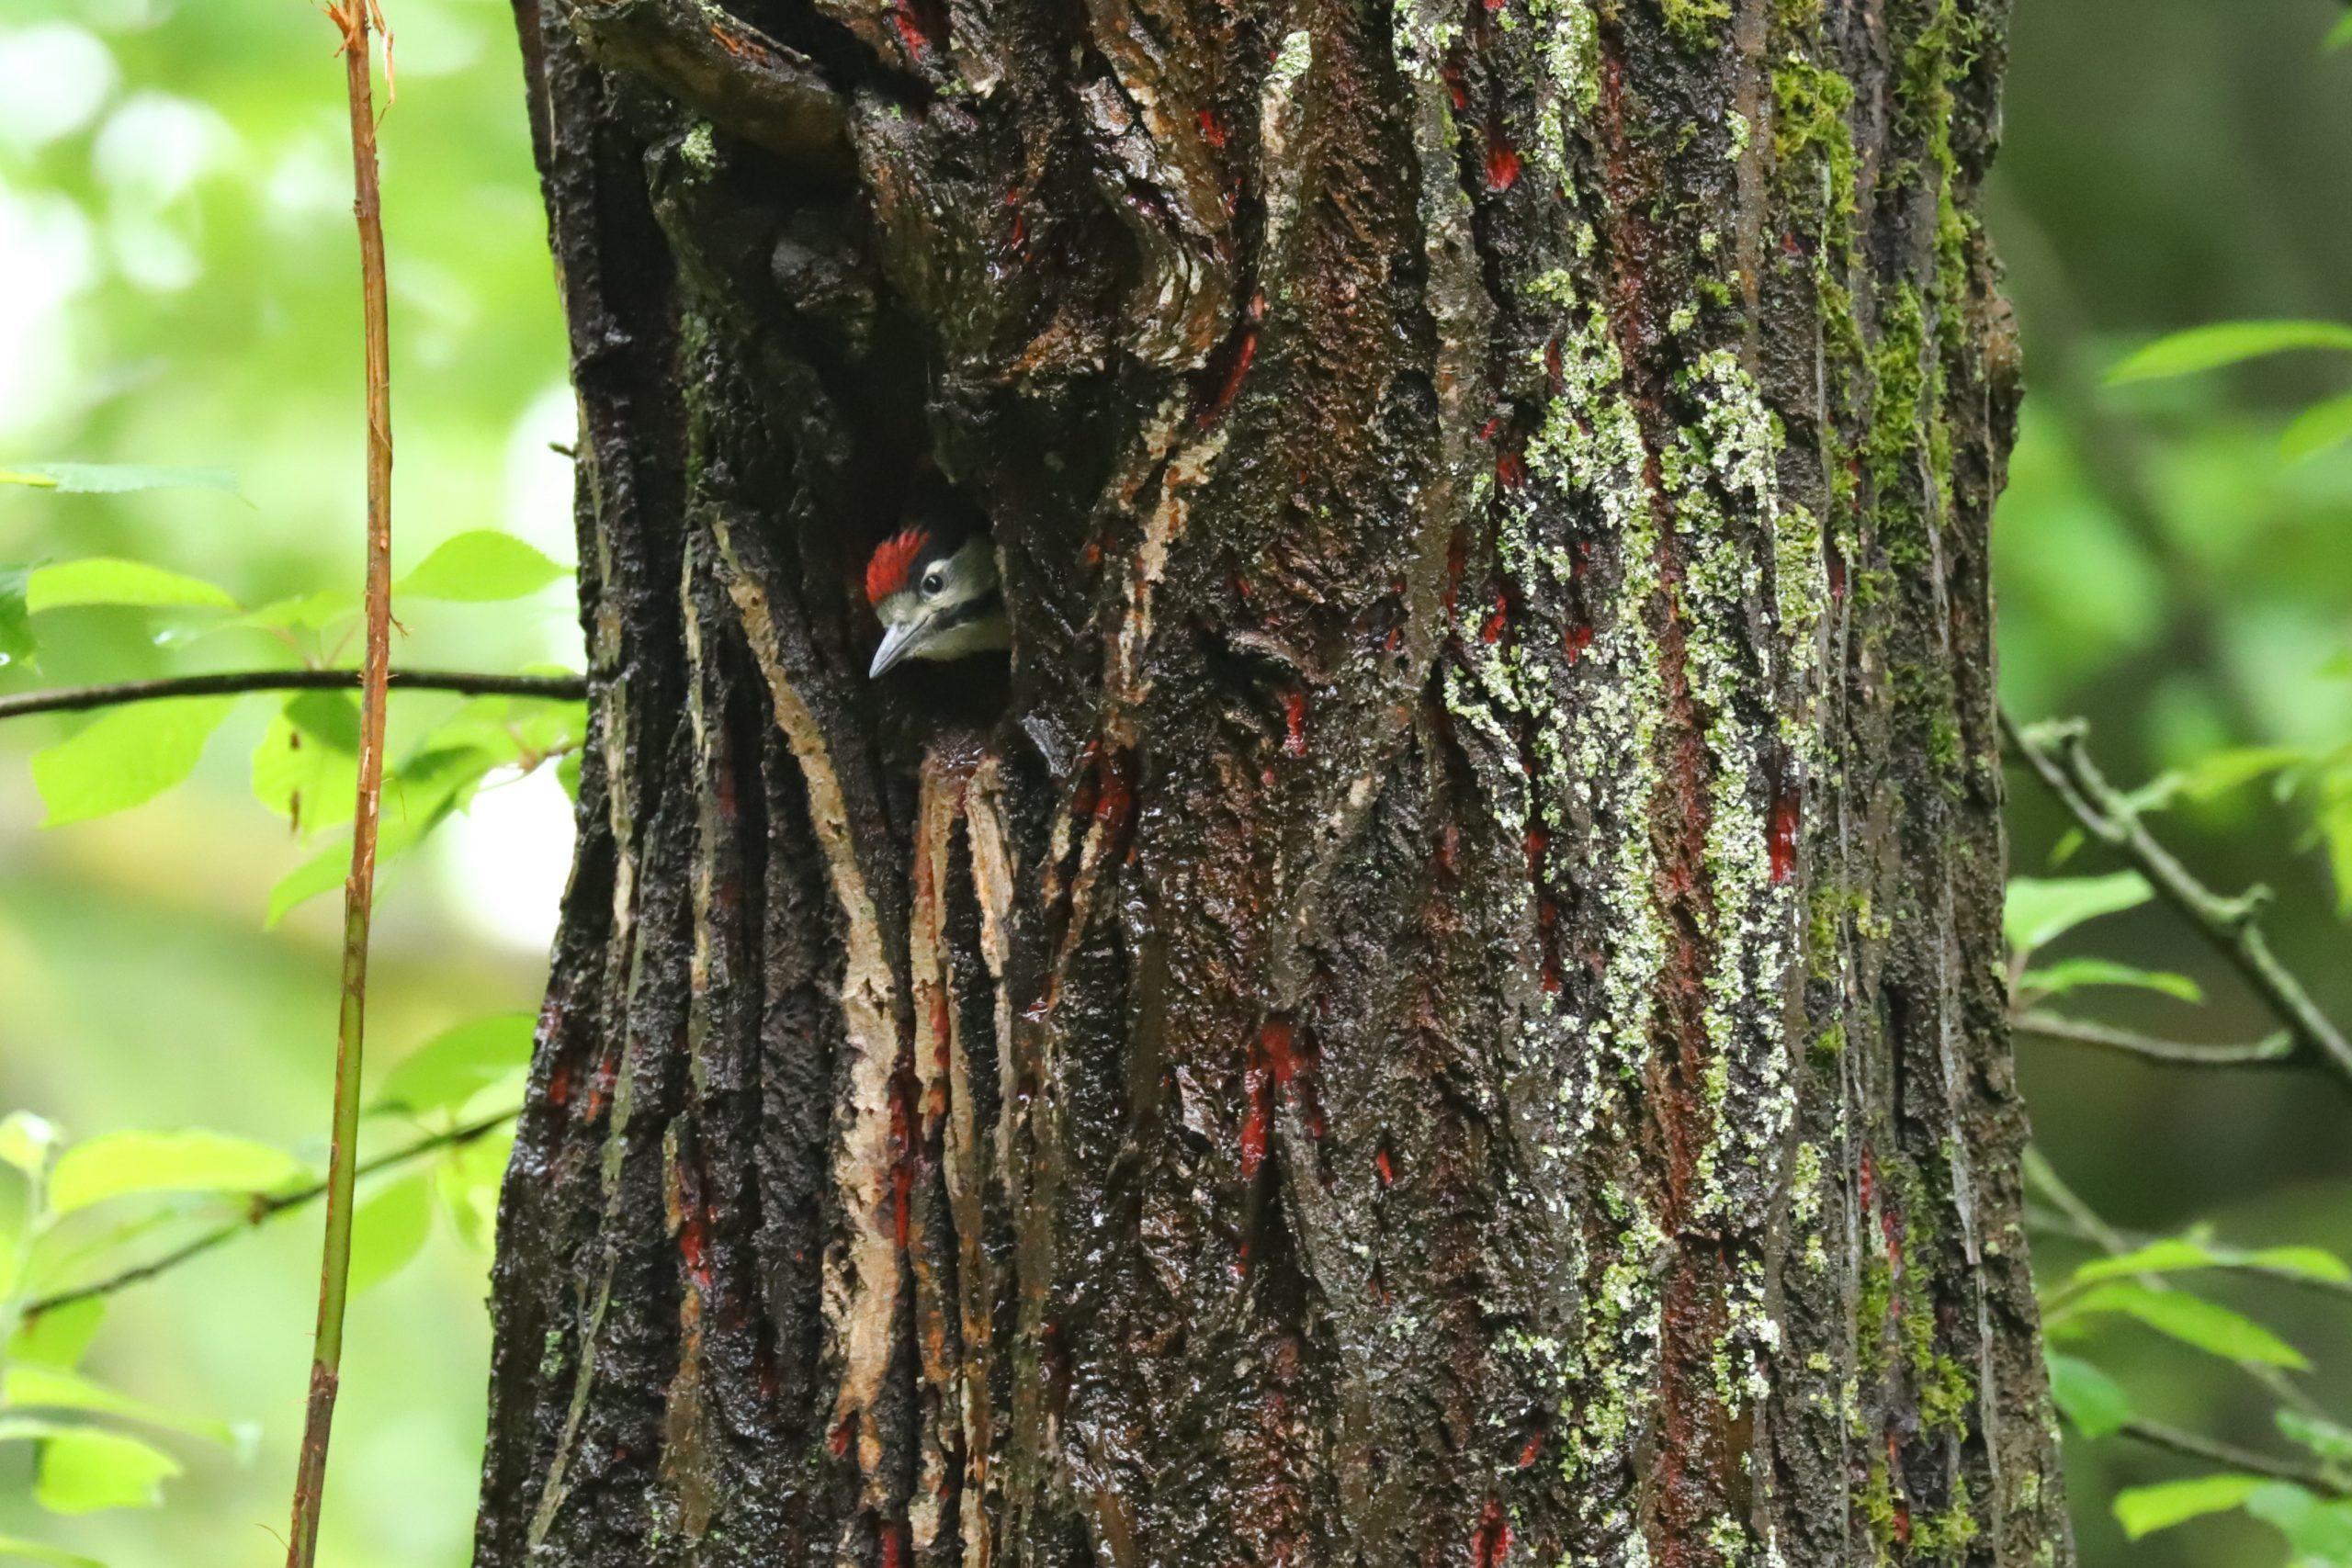 Junger Buntspecht in einer Baumhöhle